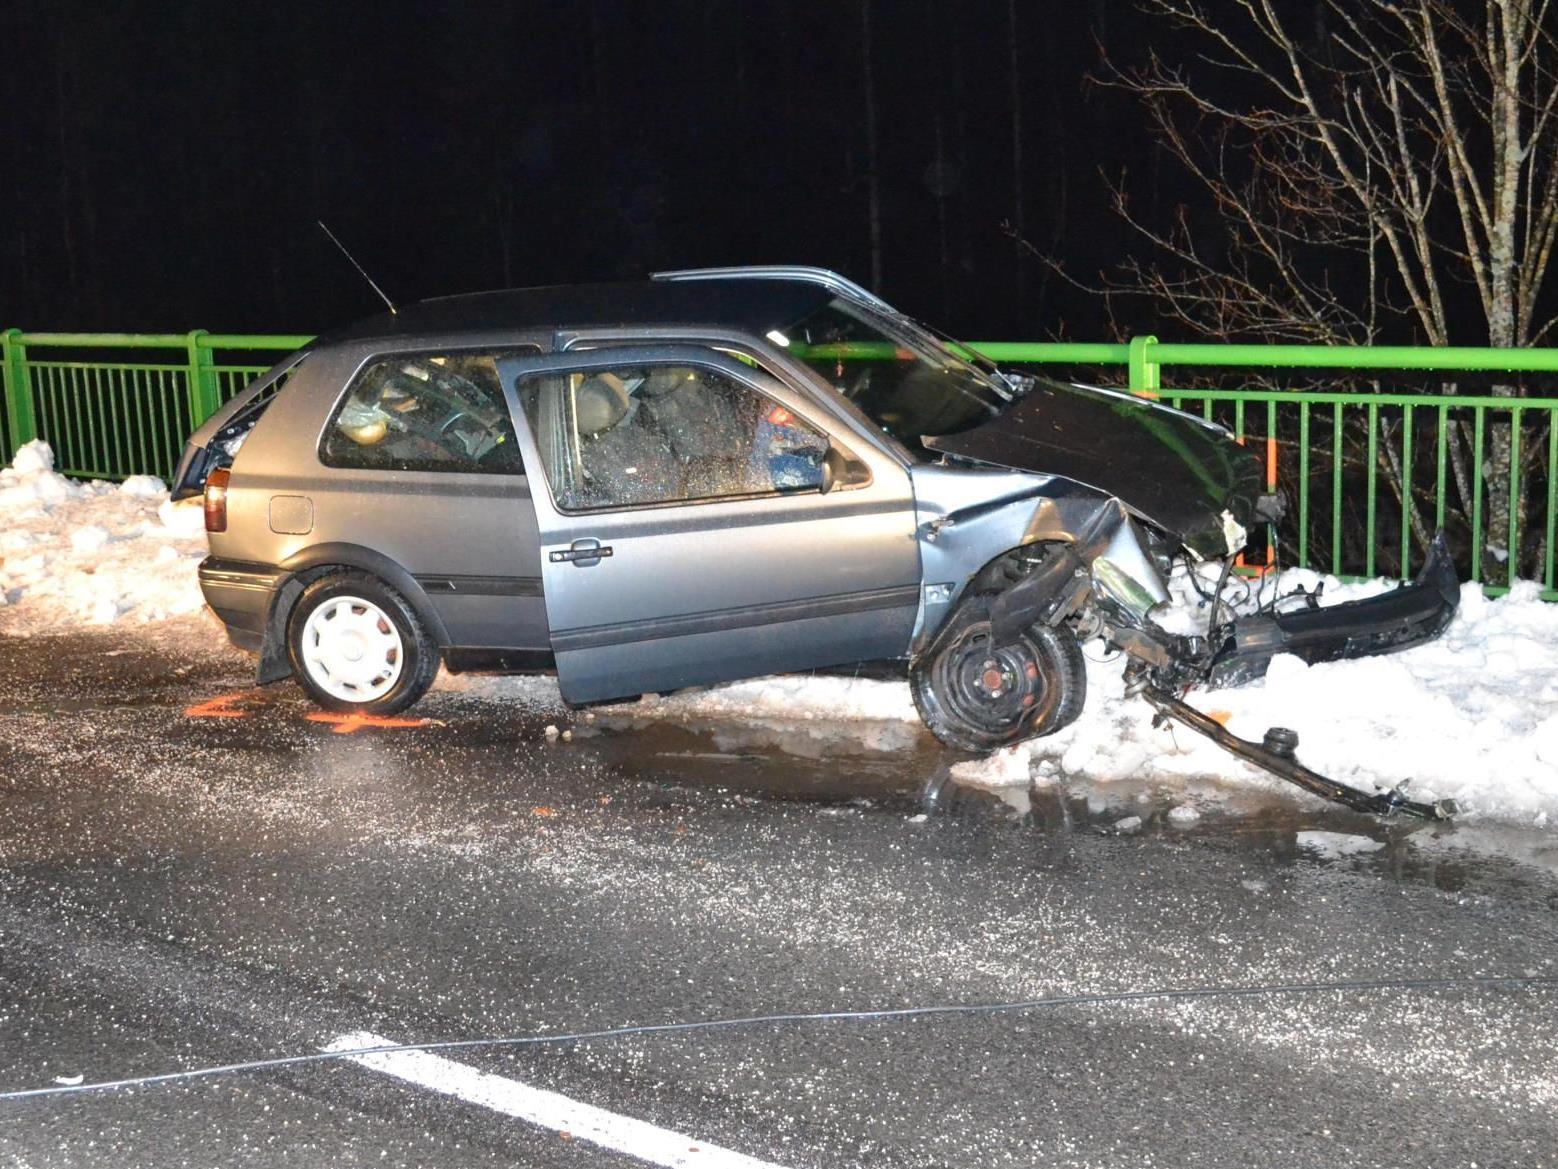 Zu einem schweren Verkehrsunfall kam es bei Neunkirchen/NÖ